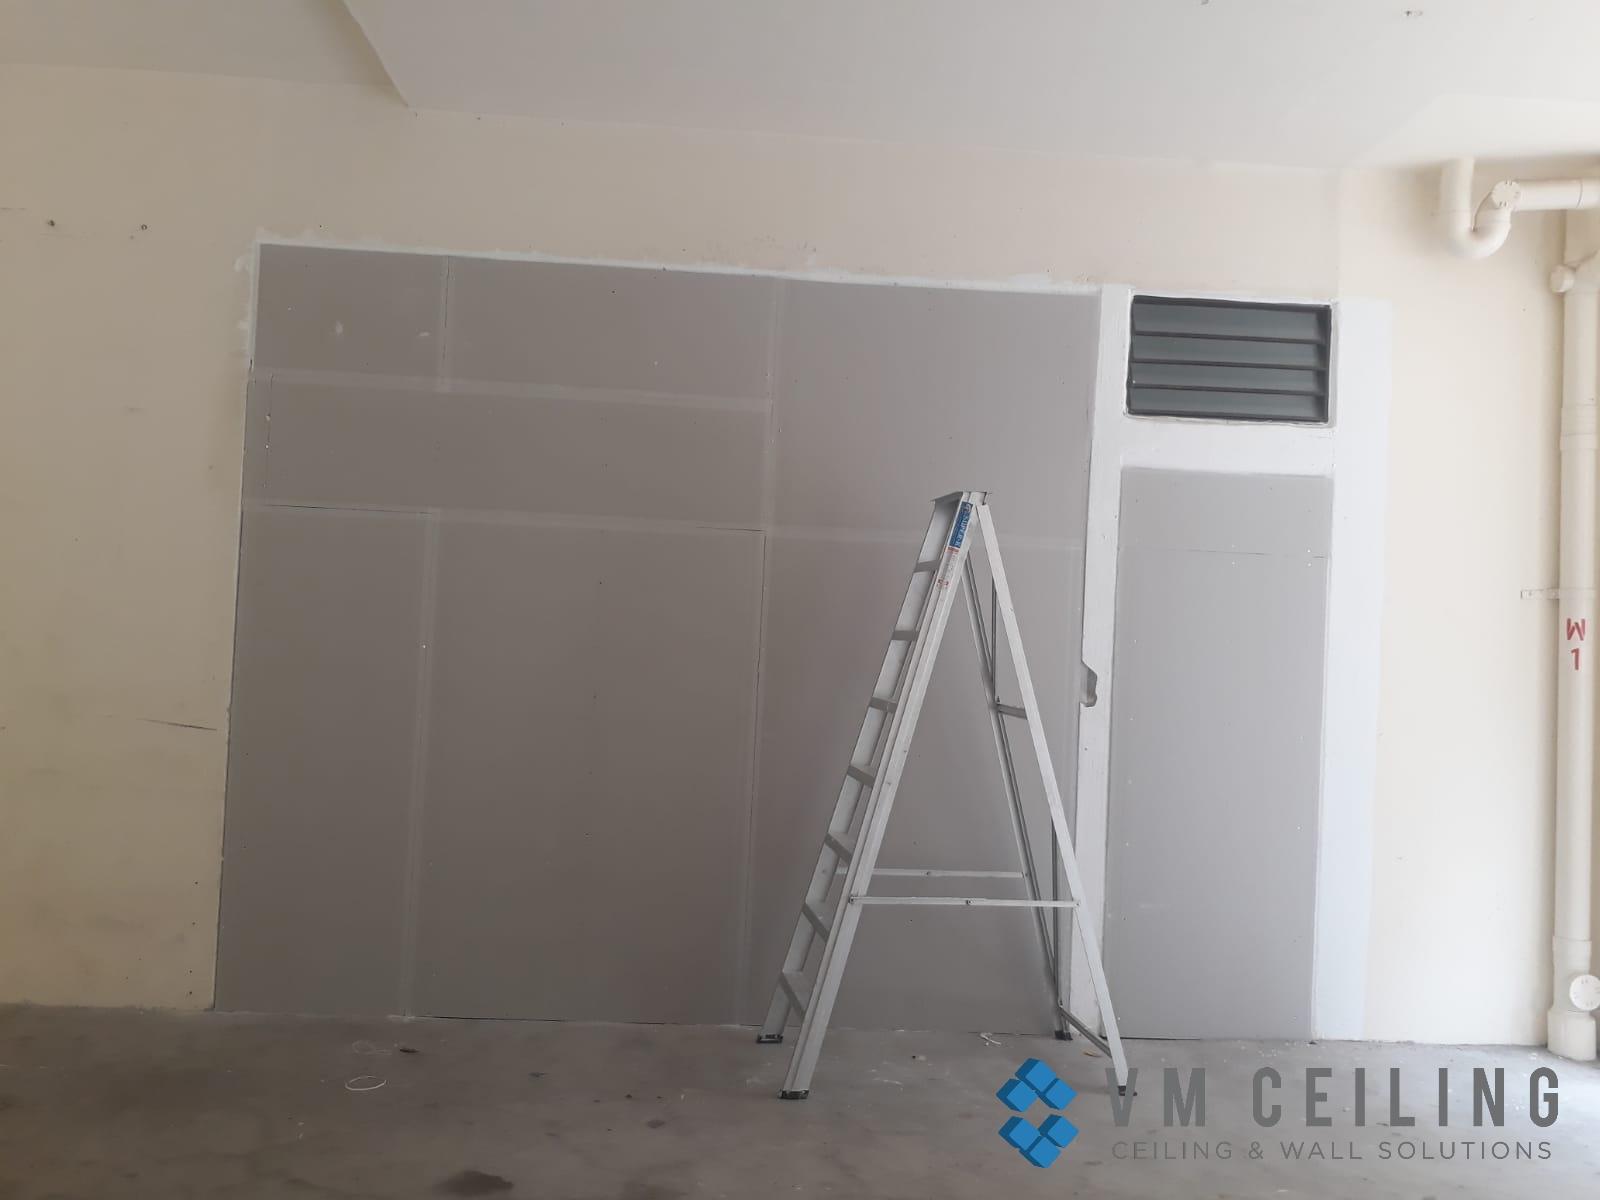 partition wall vm ceiling singapore commercial studio bukit batok 9